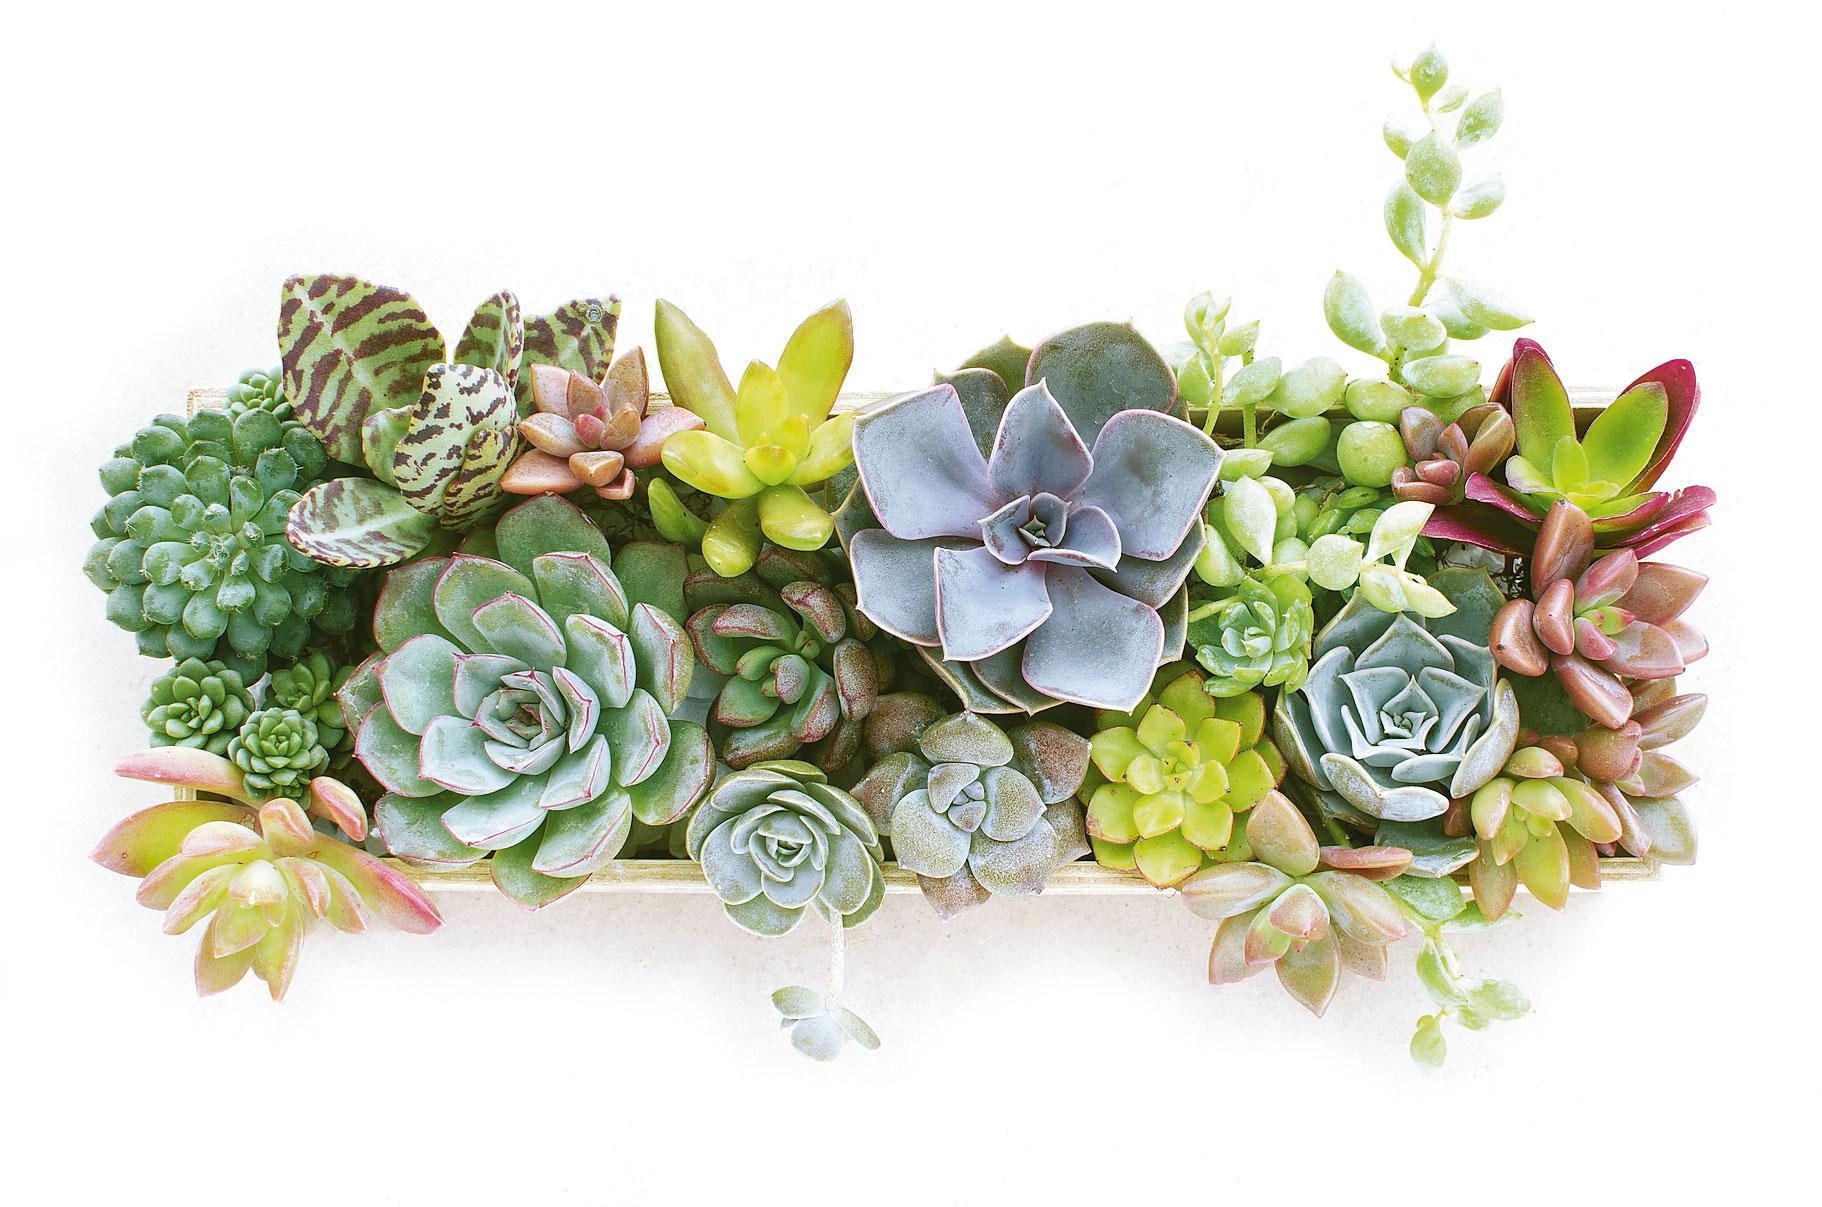 Bagnare Piante Con Bottiglie assicurare acqua alle piante in vaso durante le vacanze